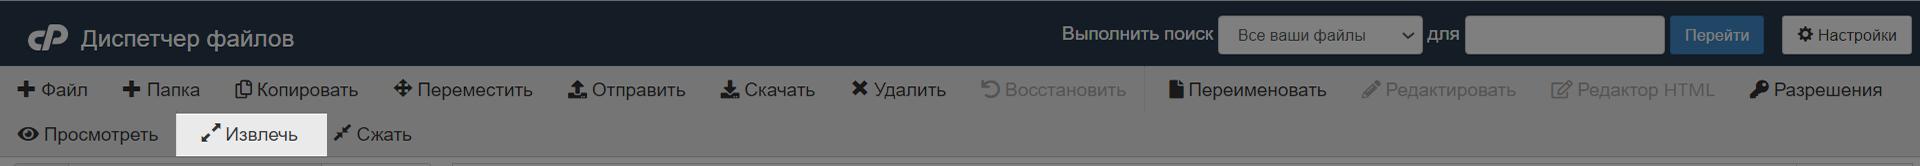 Как загрузить сайт на хостинг: кнопка для извлечения архива в диспетчере файлов cPanel